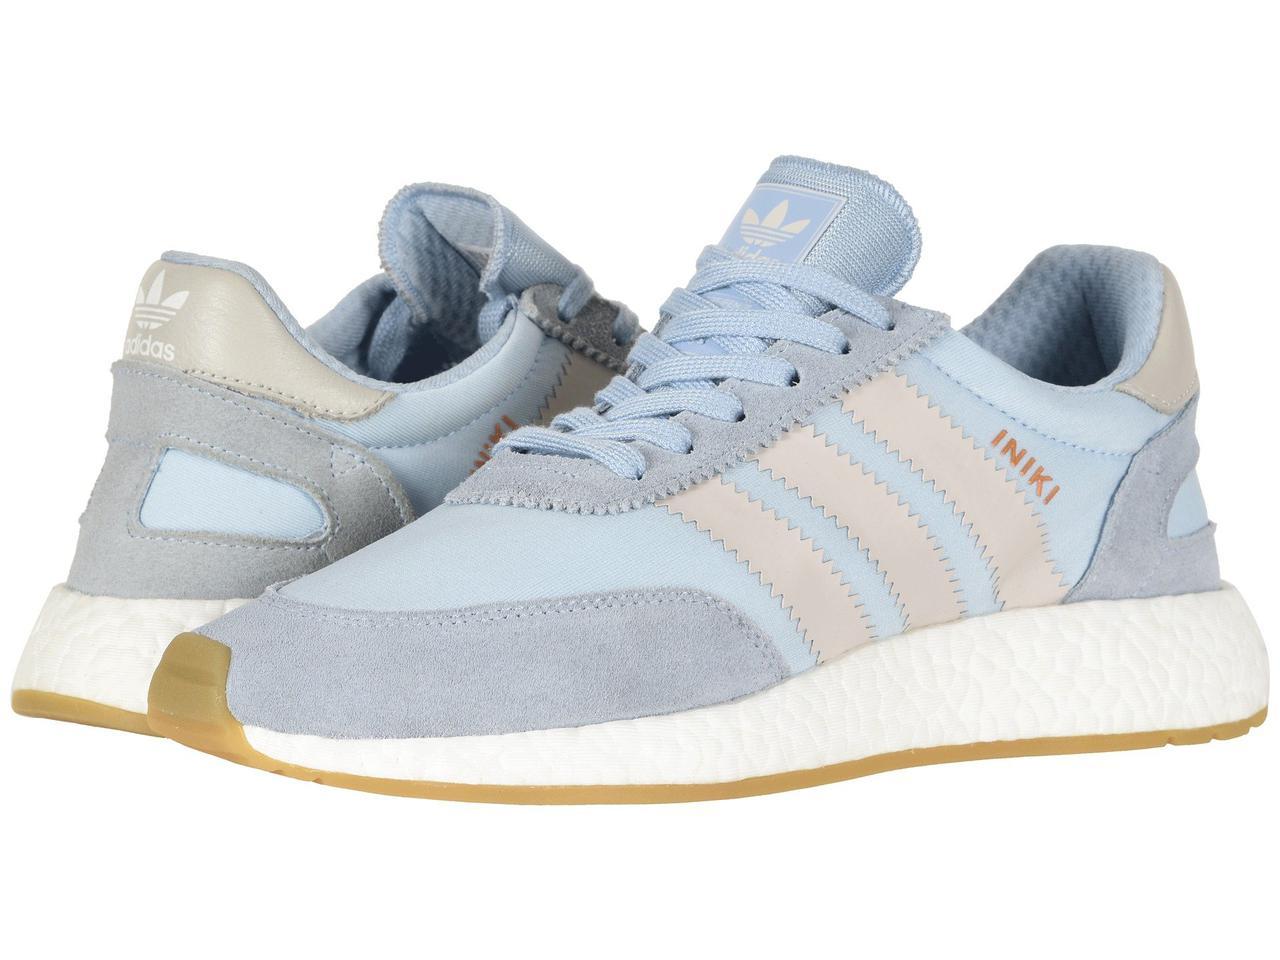 Кроссовки/Кеды (Оригинал) adidas Iniki Runner Light Blue/Grey/Gum